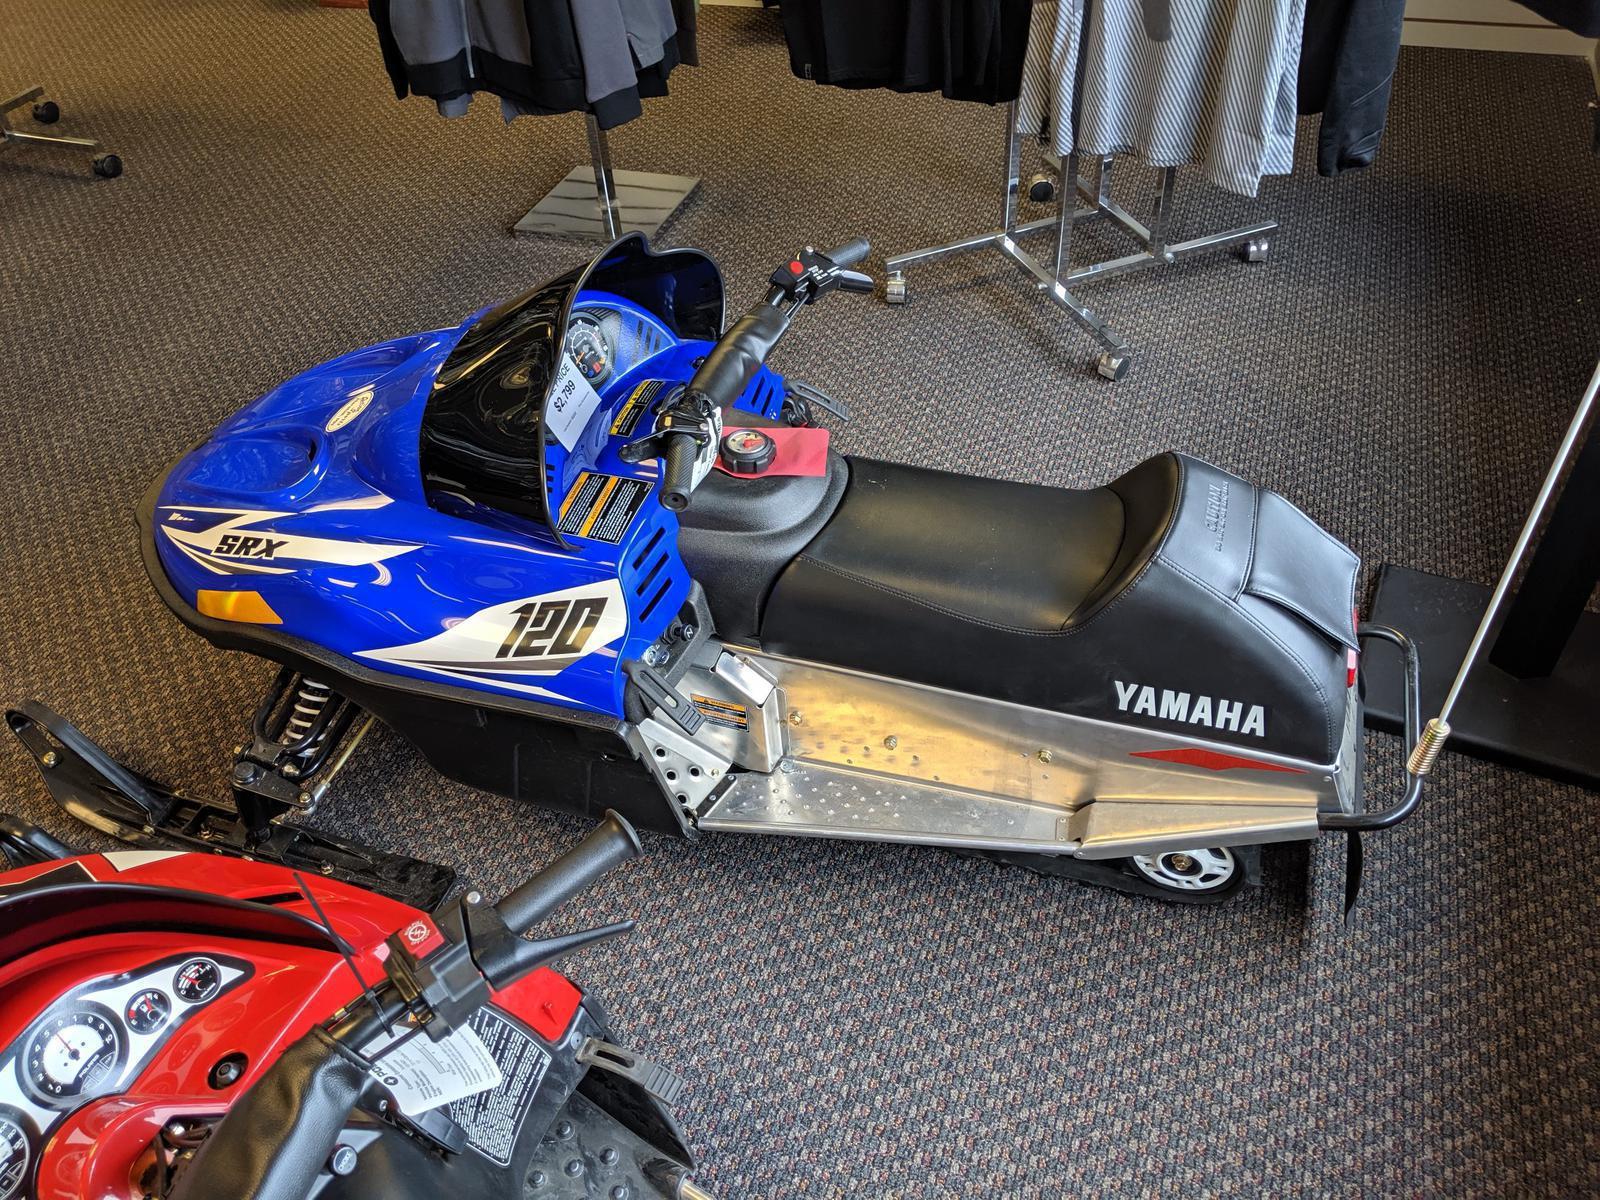 2017 Yamaha SRX 120